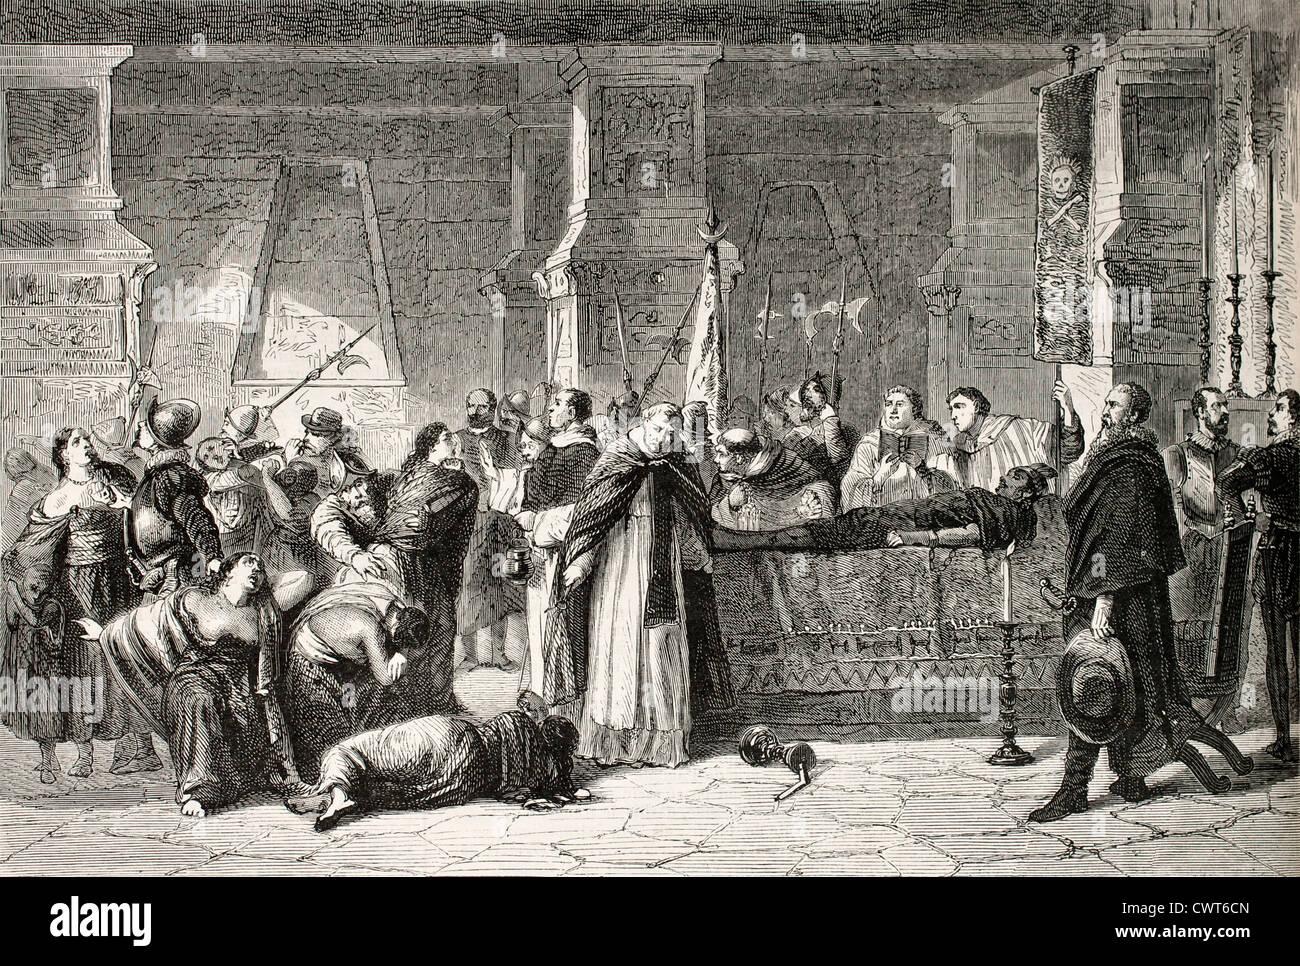 Atahualpa funeral - Stock Image